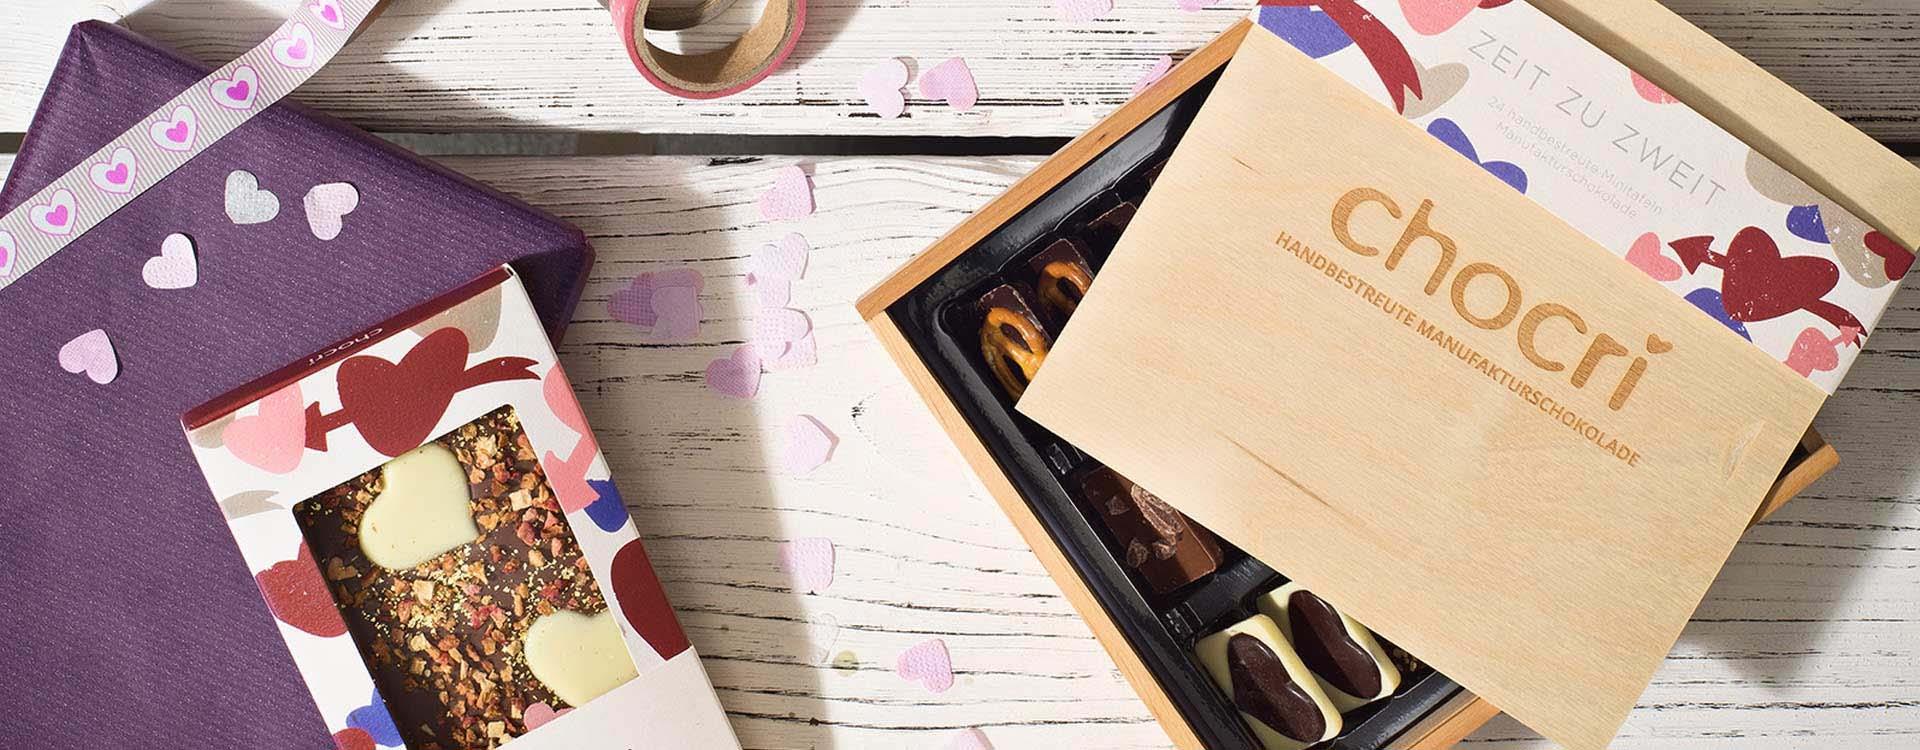 Leckerste Schokolade von chocri als Geschenk zum Valentinstag: Wir haben alles, was Deine bessere Hälfte sich wünscht!